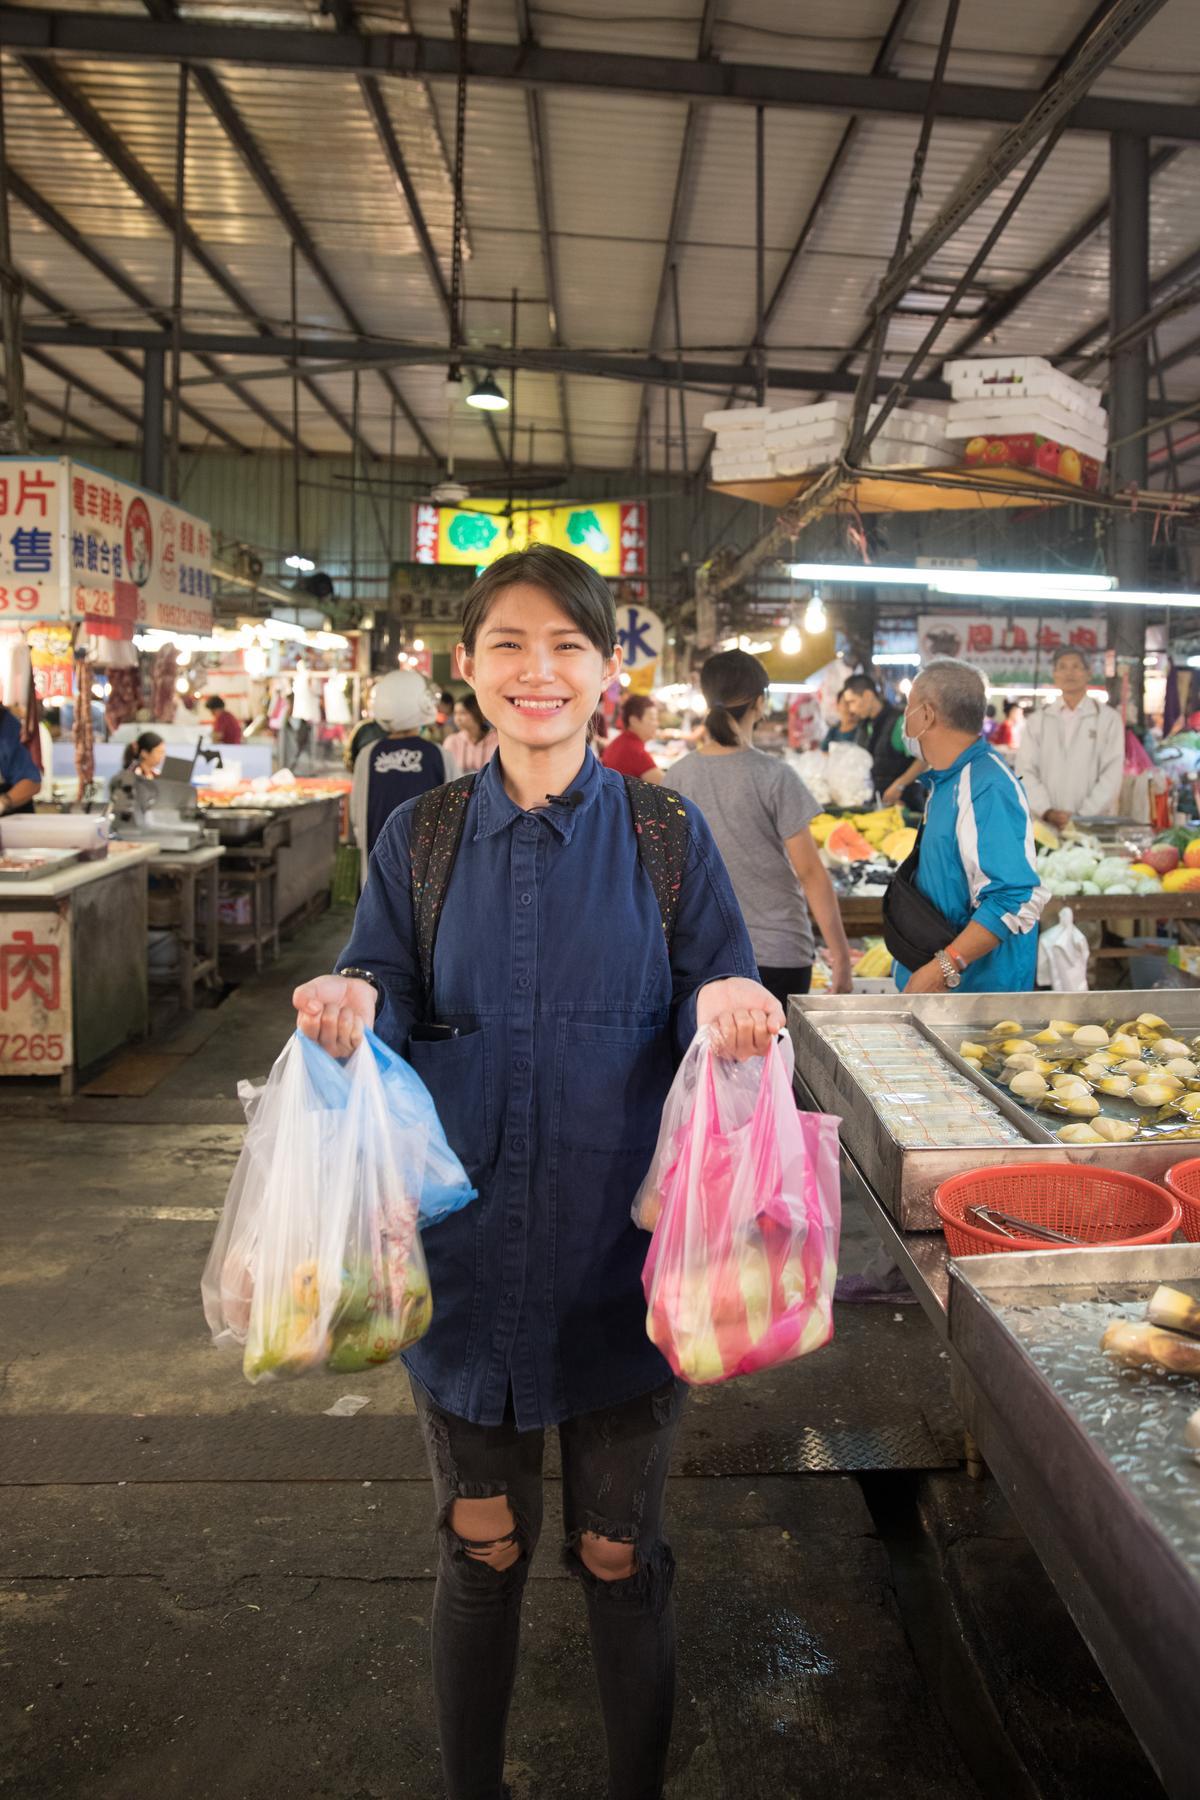 蔡佳穎經常在市場裡翻找蔬菜水果,思考如何把新鮮食材融入個人創作調酒。